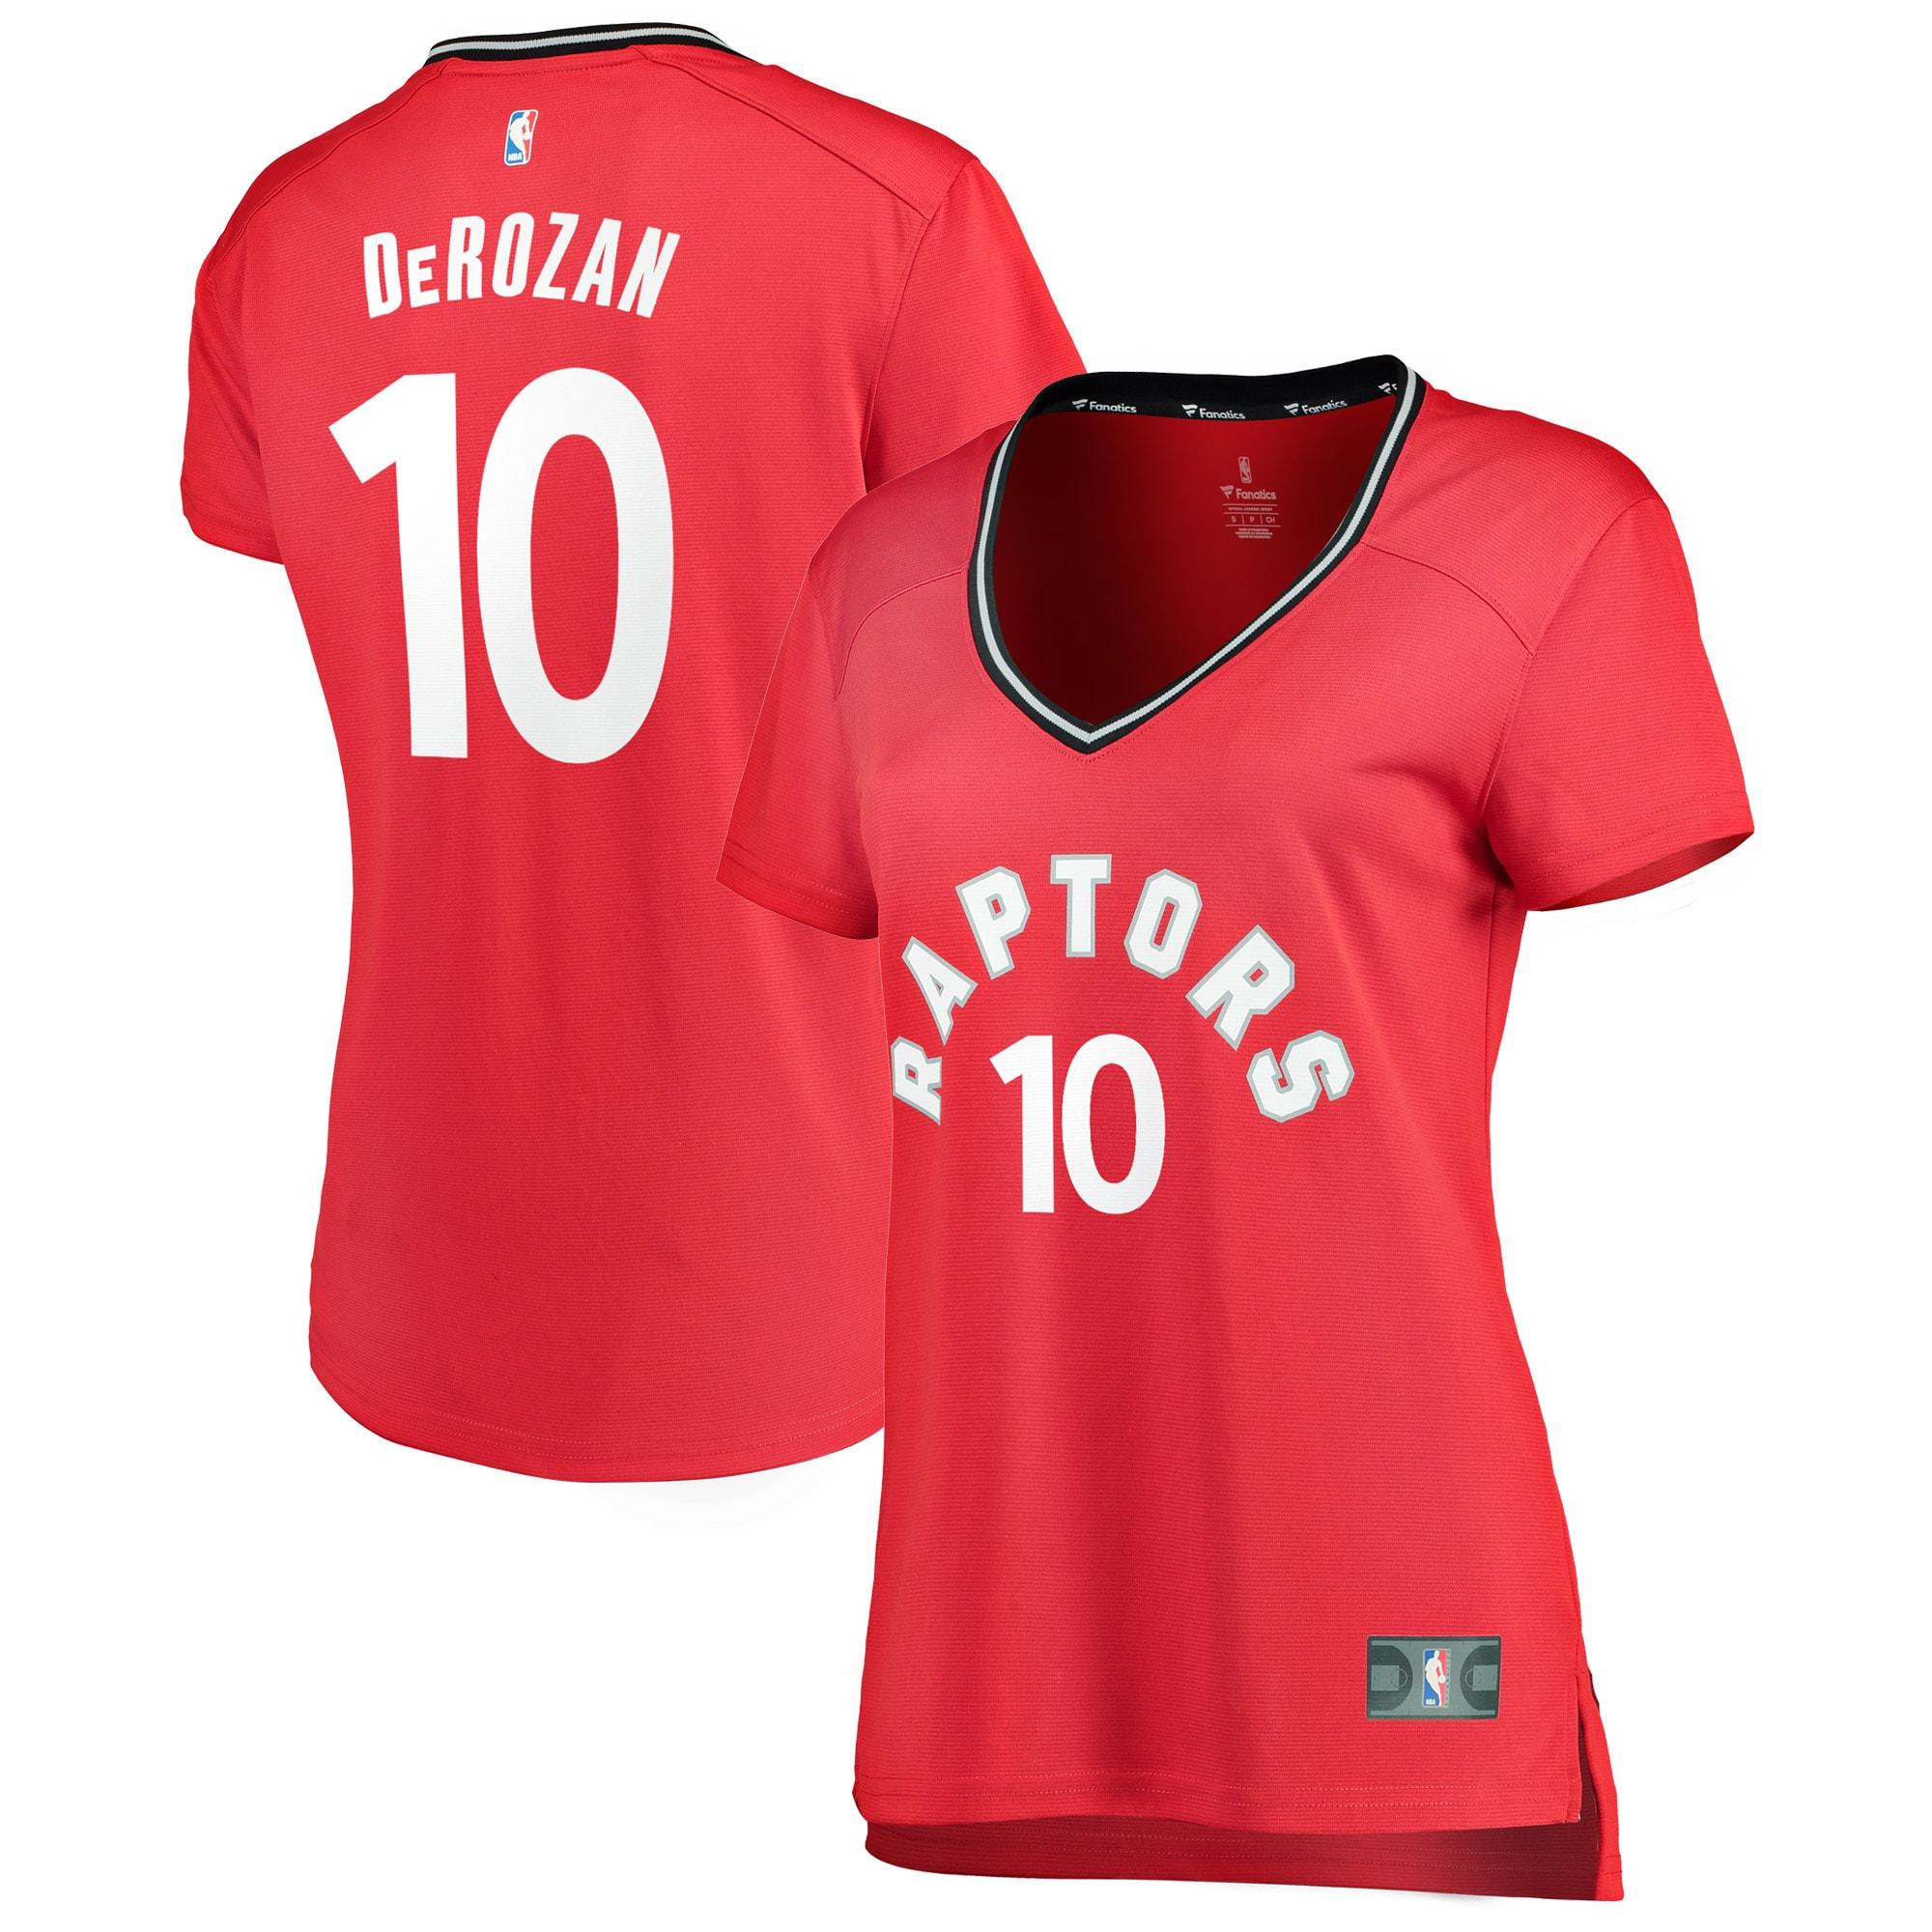 DeMar DeRozan Toronto Raptors Fanatics Branded Women's Fast Break Replica Jersey Red - Icon Edition